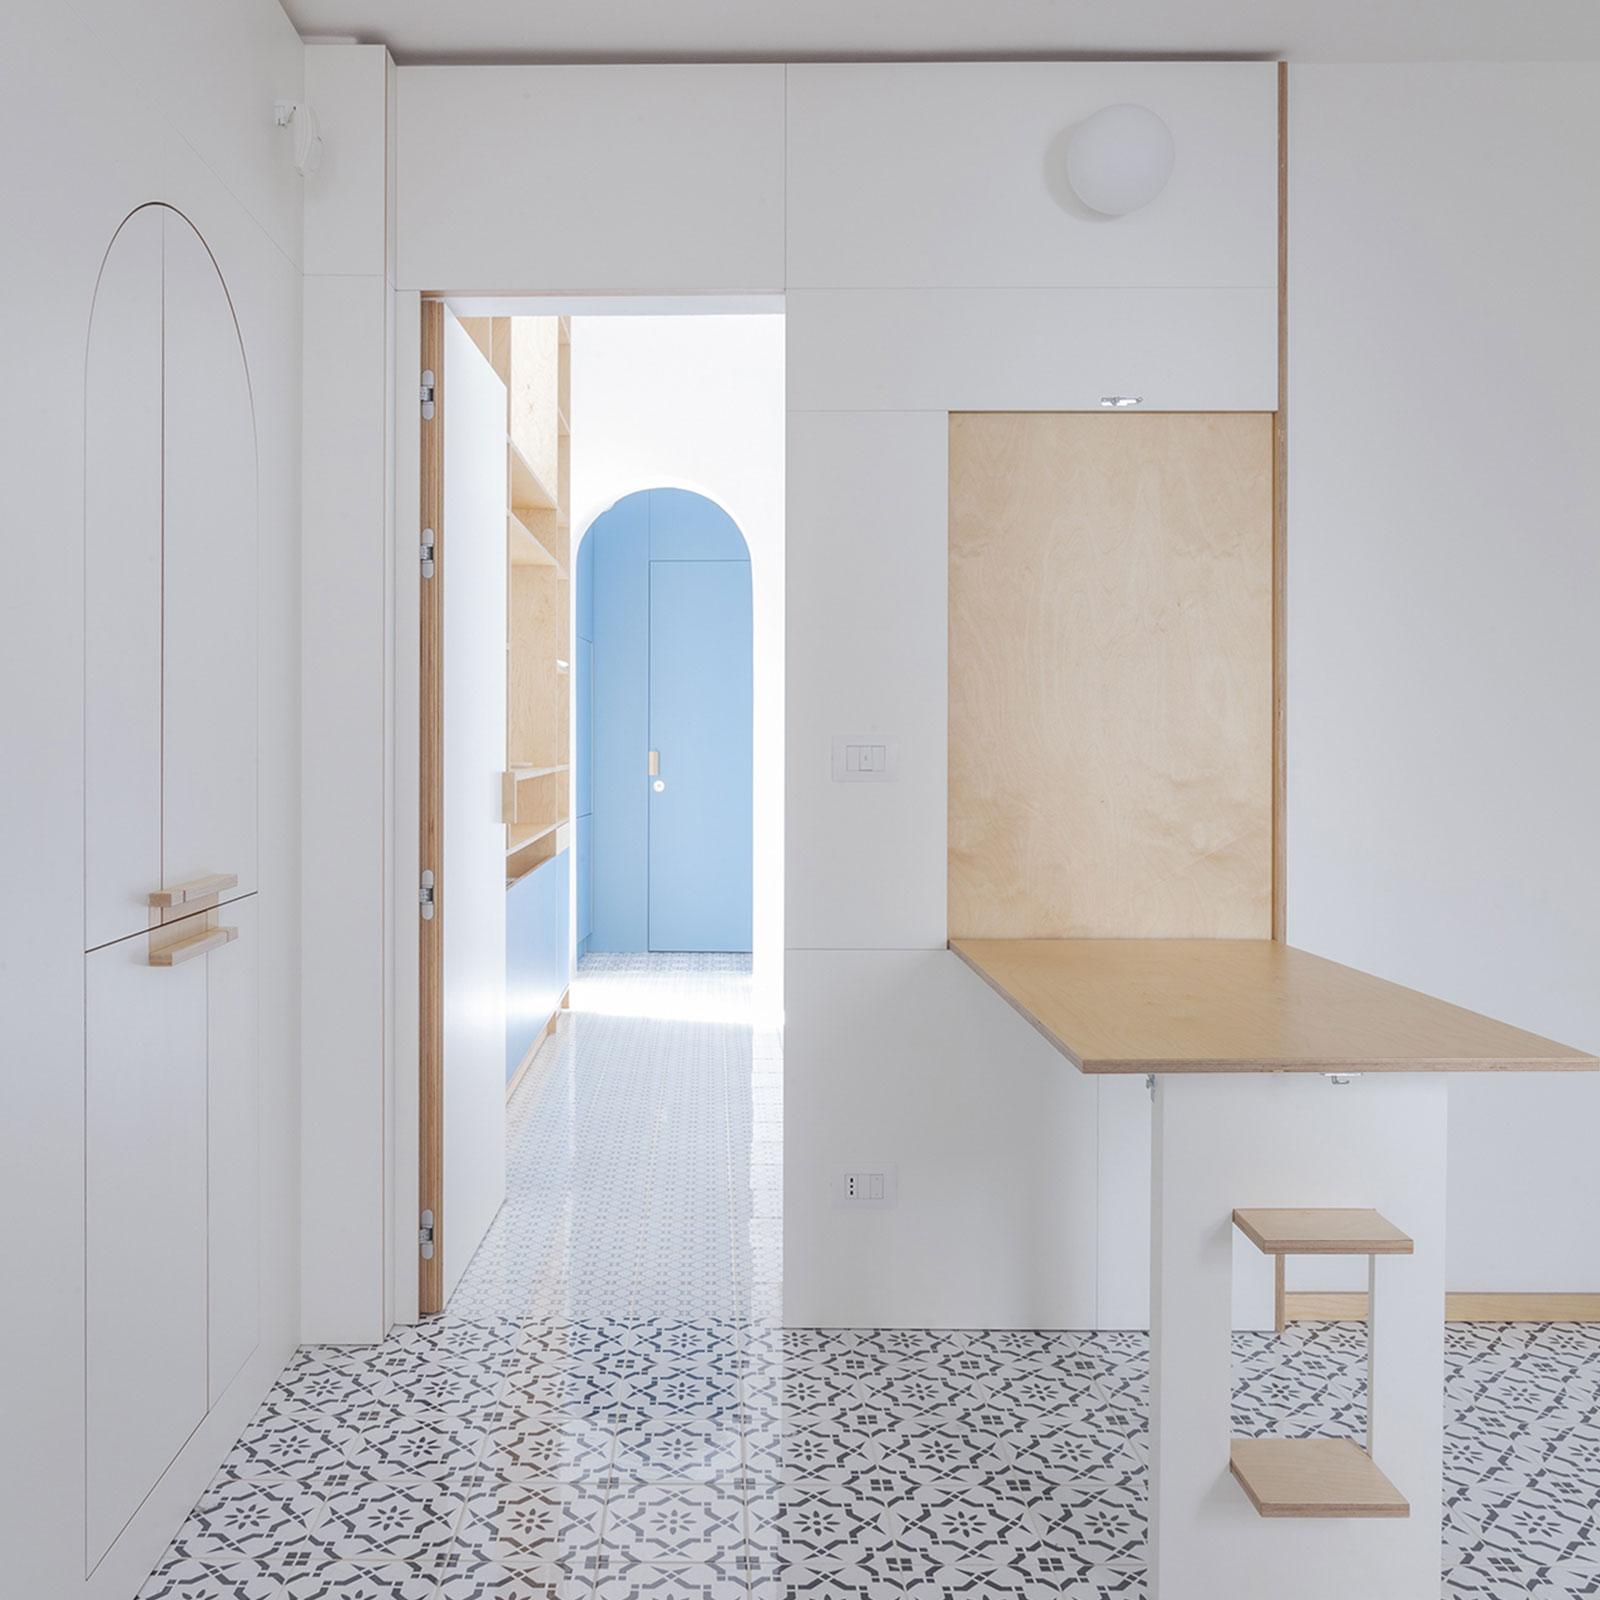 2020-05-madeamano-blog-house-ortigia-pietro-airoldi-04